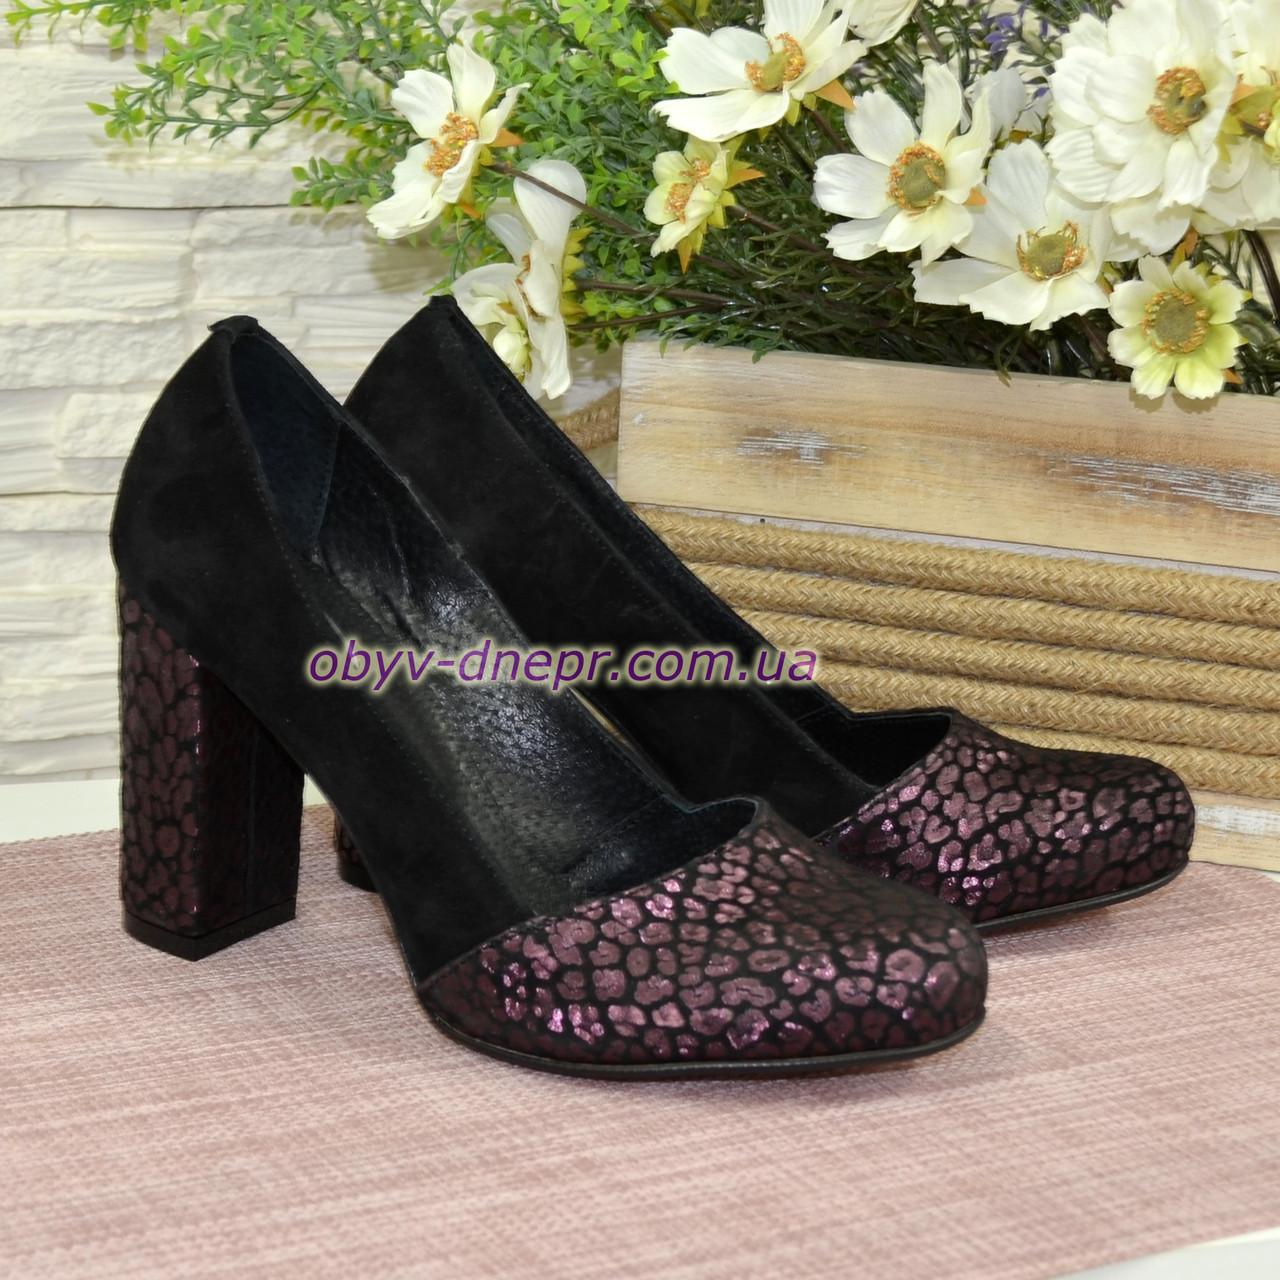 Туфли замшевые на высоком устойчивом каблуке, цвет черный/бордо